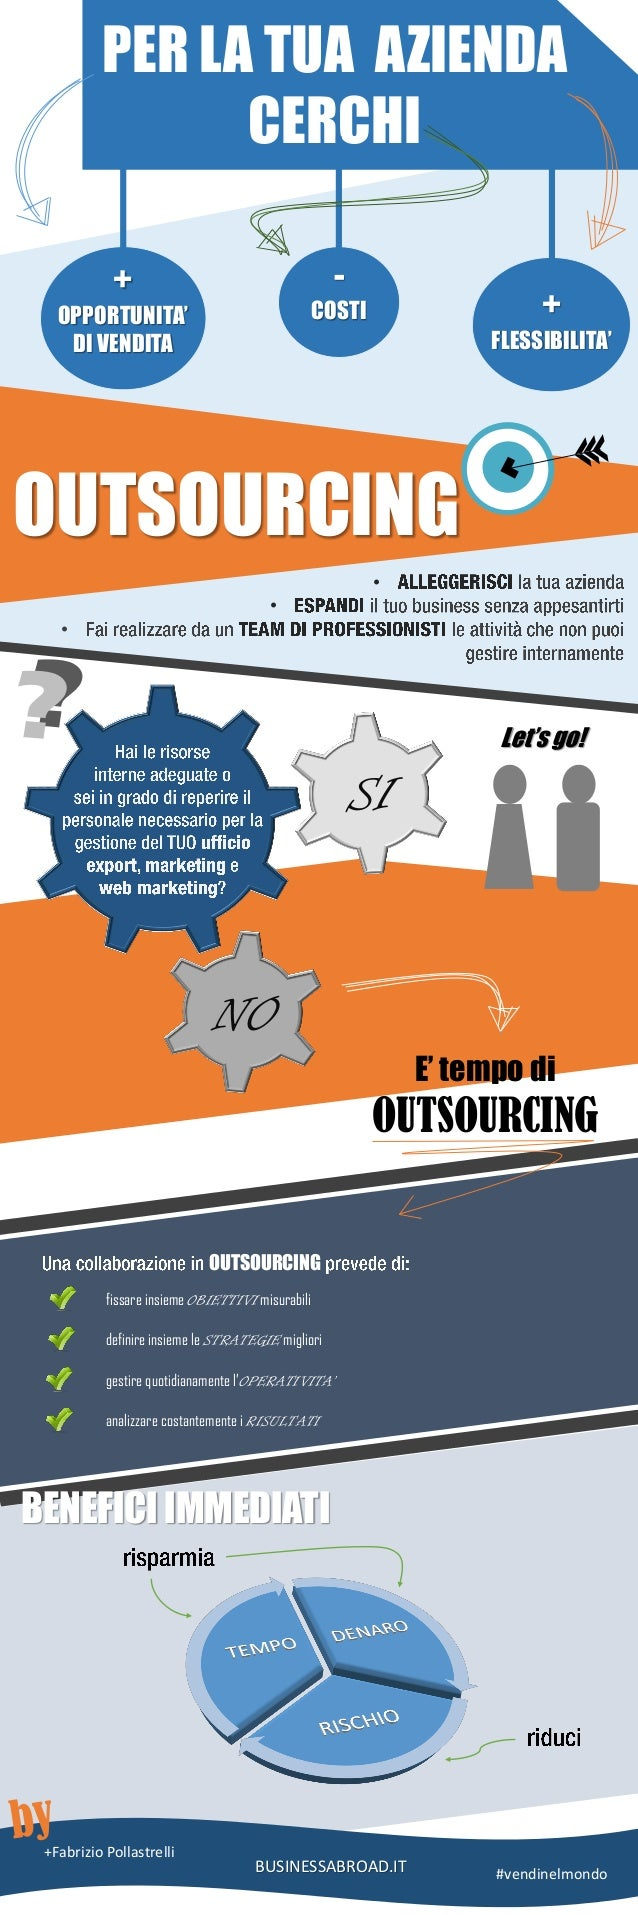 PER LA TUA AZIENDA CERCHI + FLESSIBILITA' - COSTI + OPPORTUNITA' DI VENDITA OUTSOURCING • • • OUTSOURCING NO SI Let's go! ...